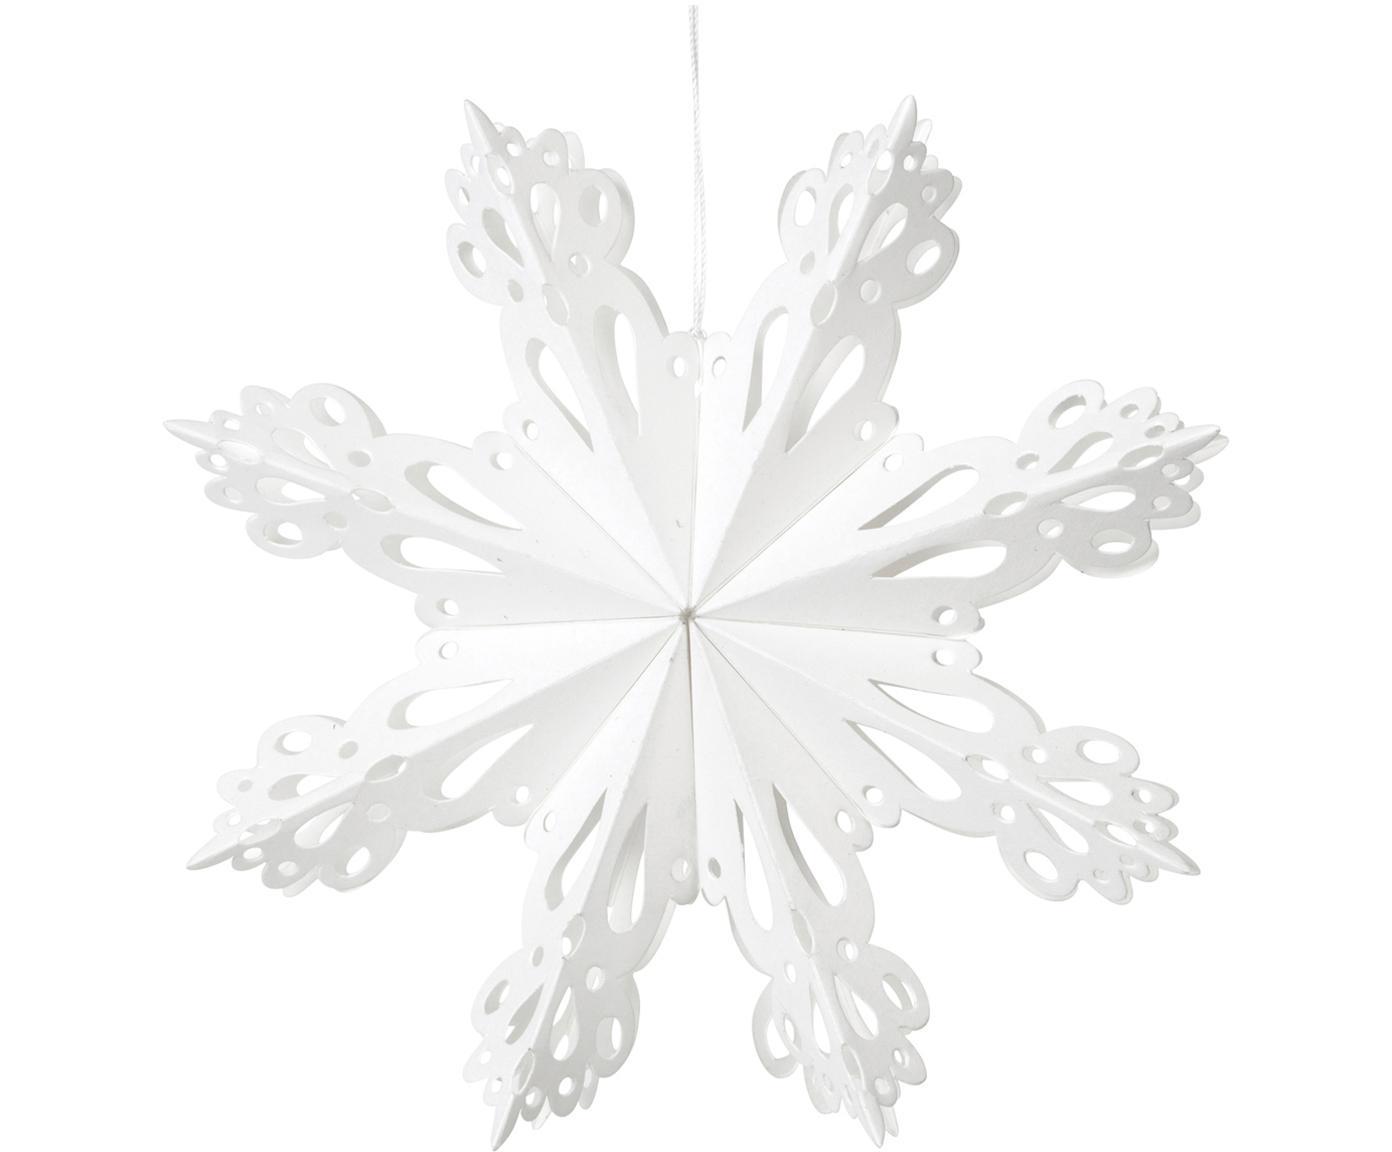 Baumanhänger Snowflake, 2 Stück, Papier, Weiss, Ø 15 cm